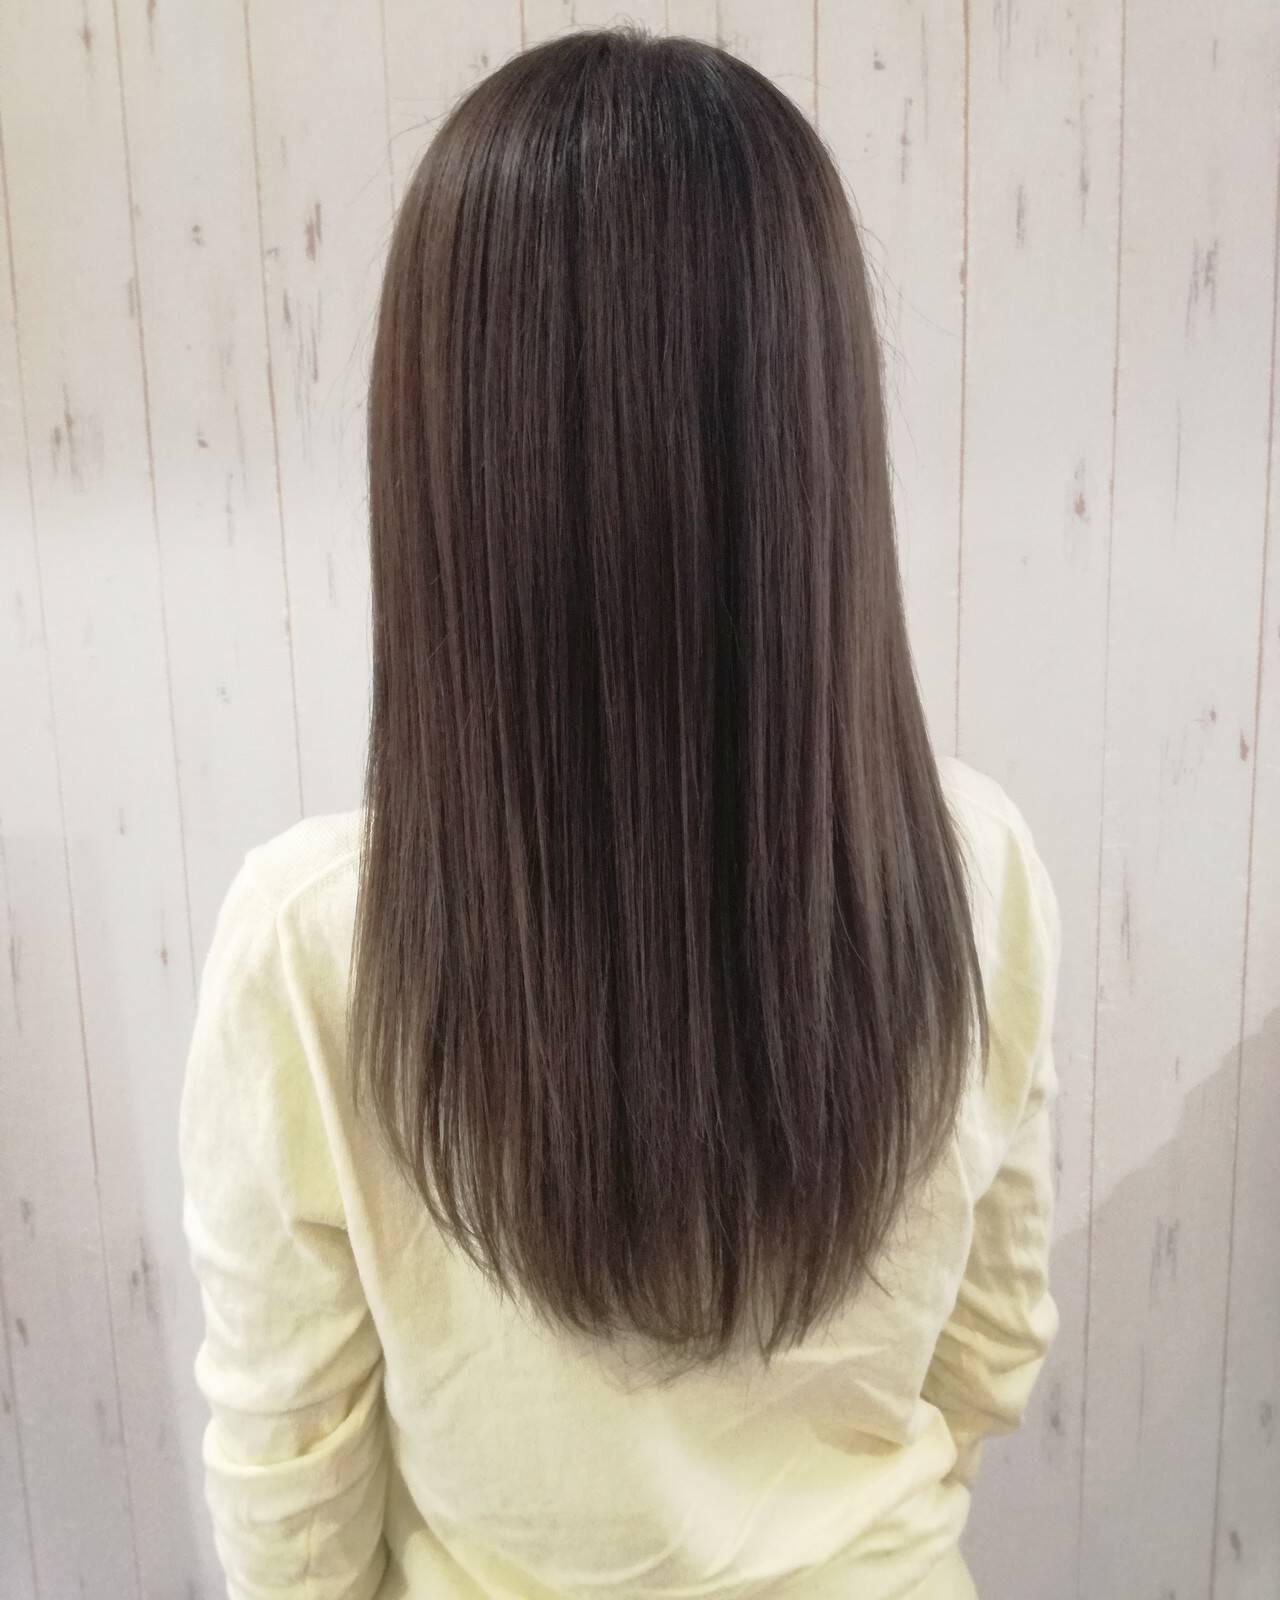 ストレート アッシュベージュ ナチュラル 縮毛矯正ヘアスタイルや髪型の写真・画像